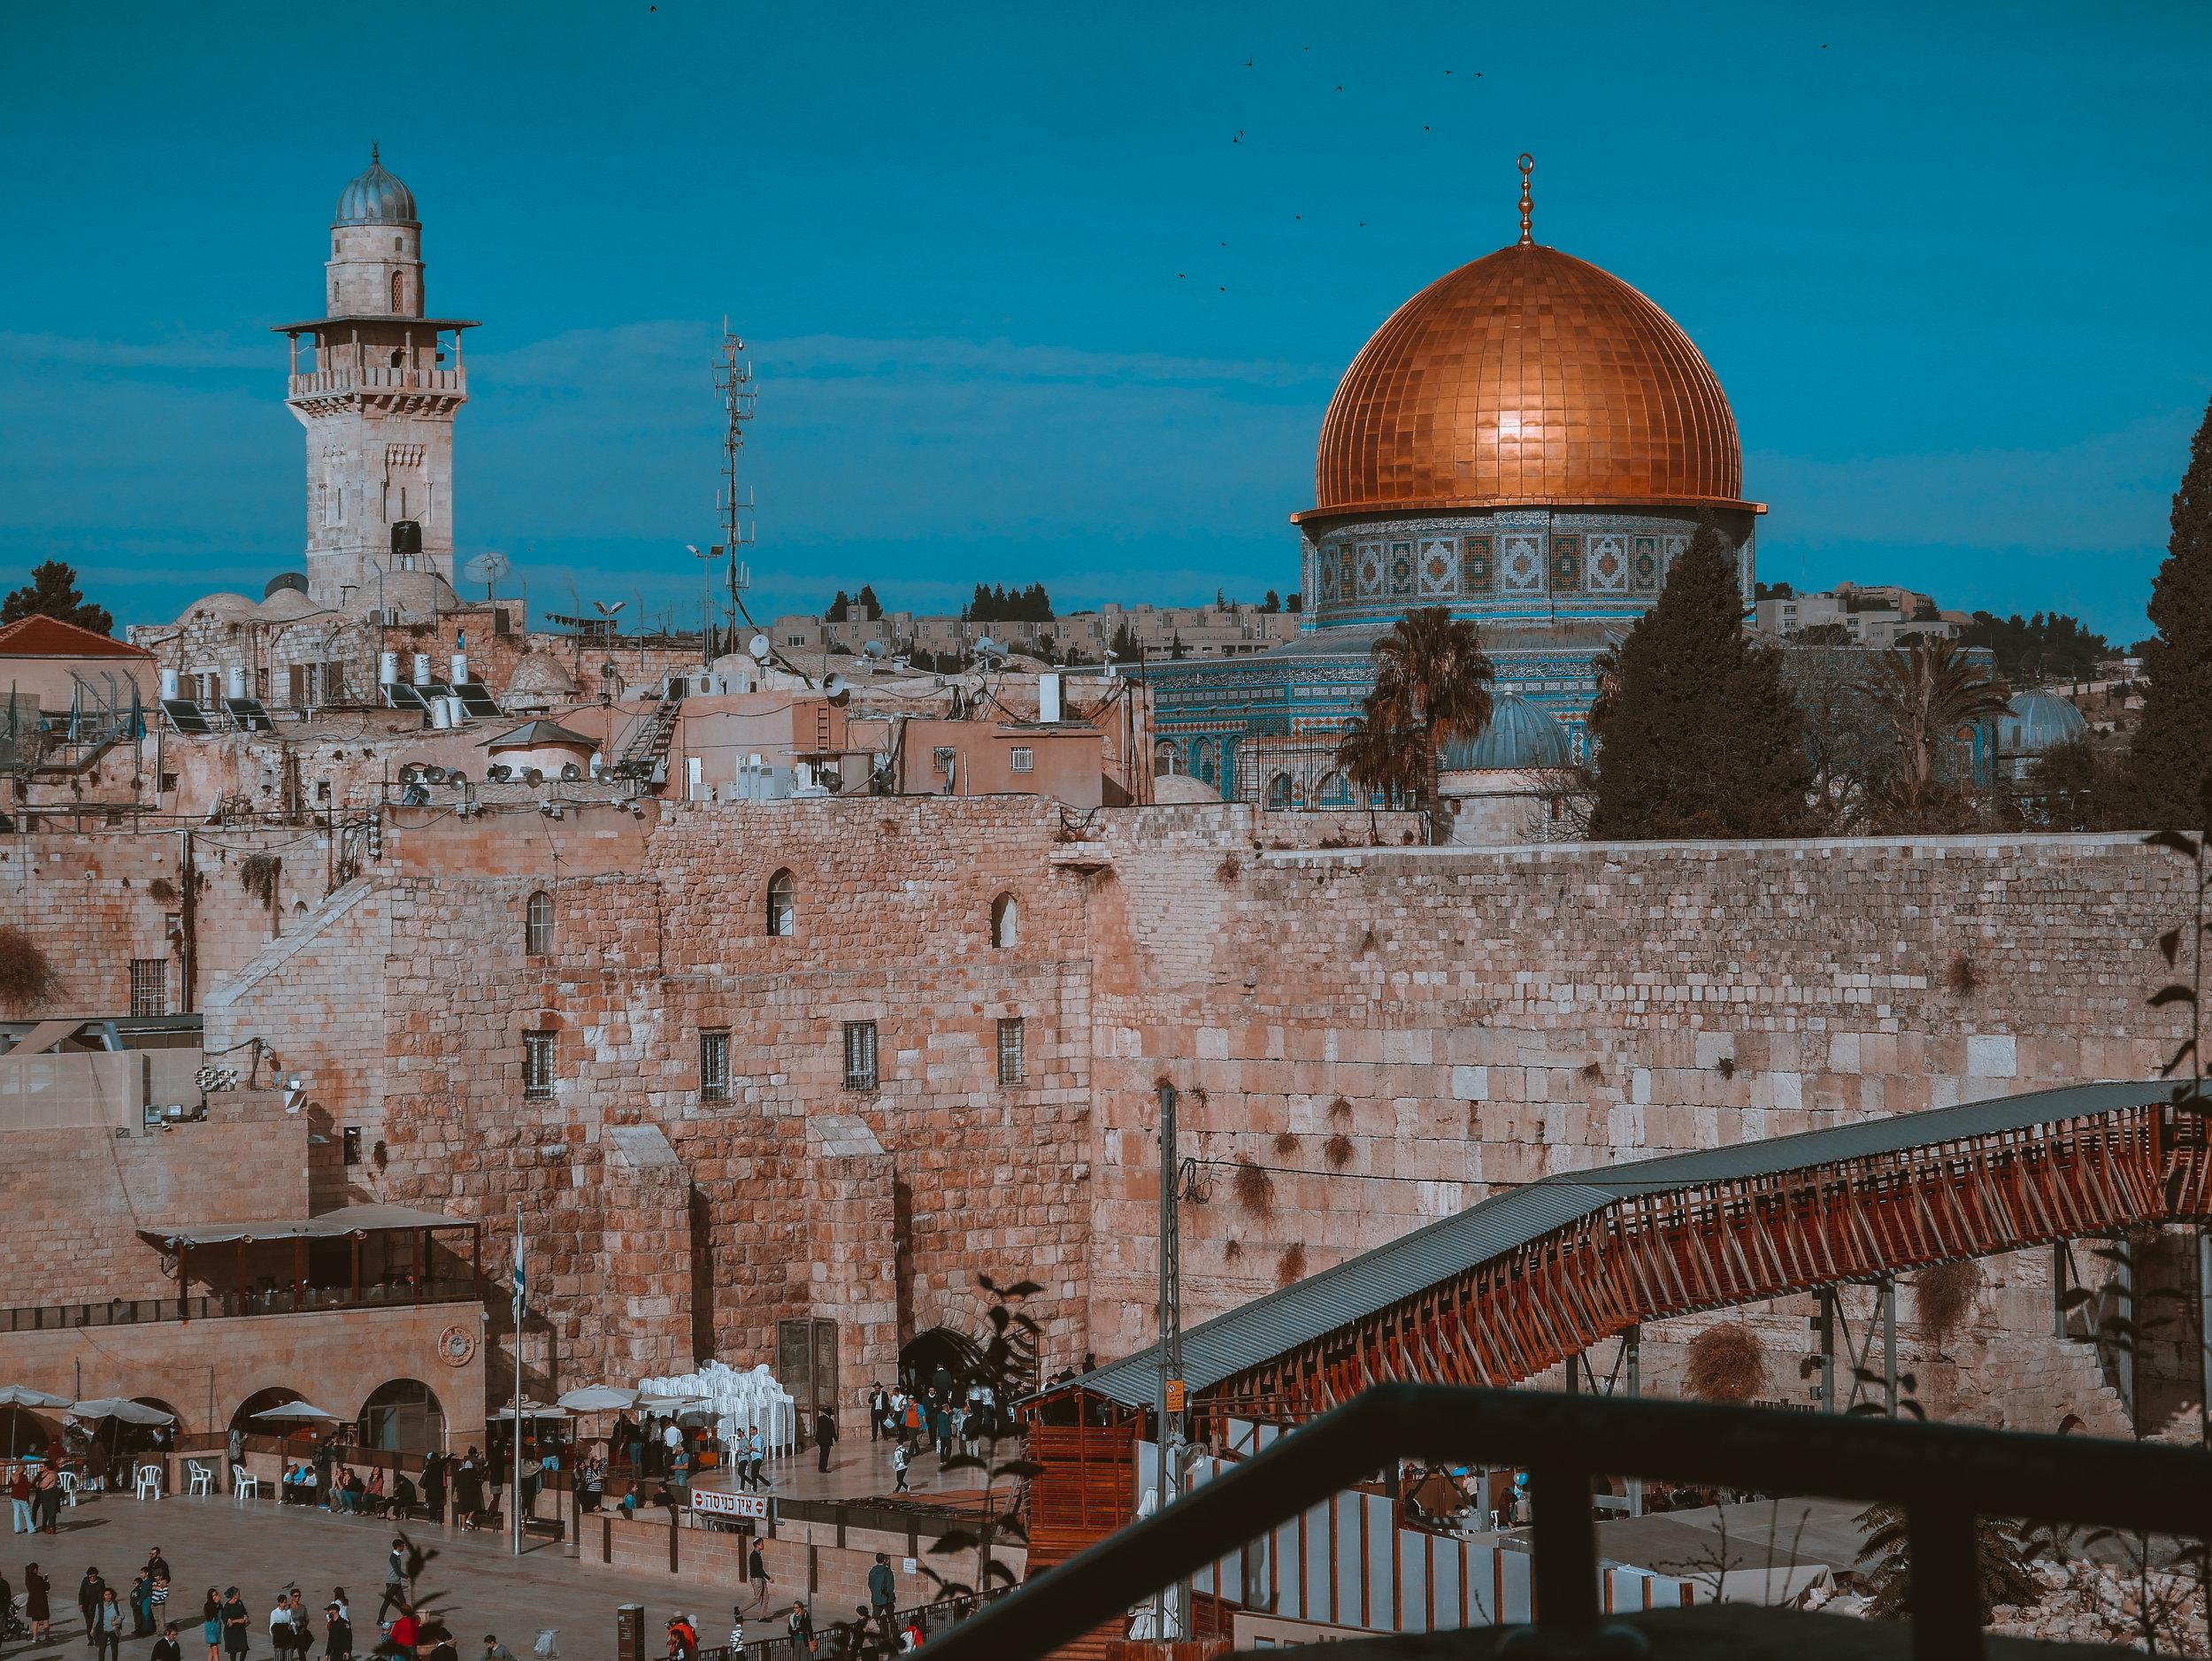 ISRAEL/Middle East - REGISTER TODAY. DATES: NOV 4-12, 2019